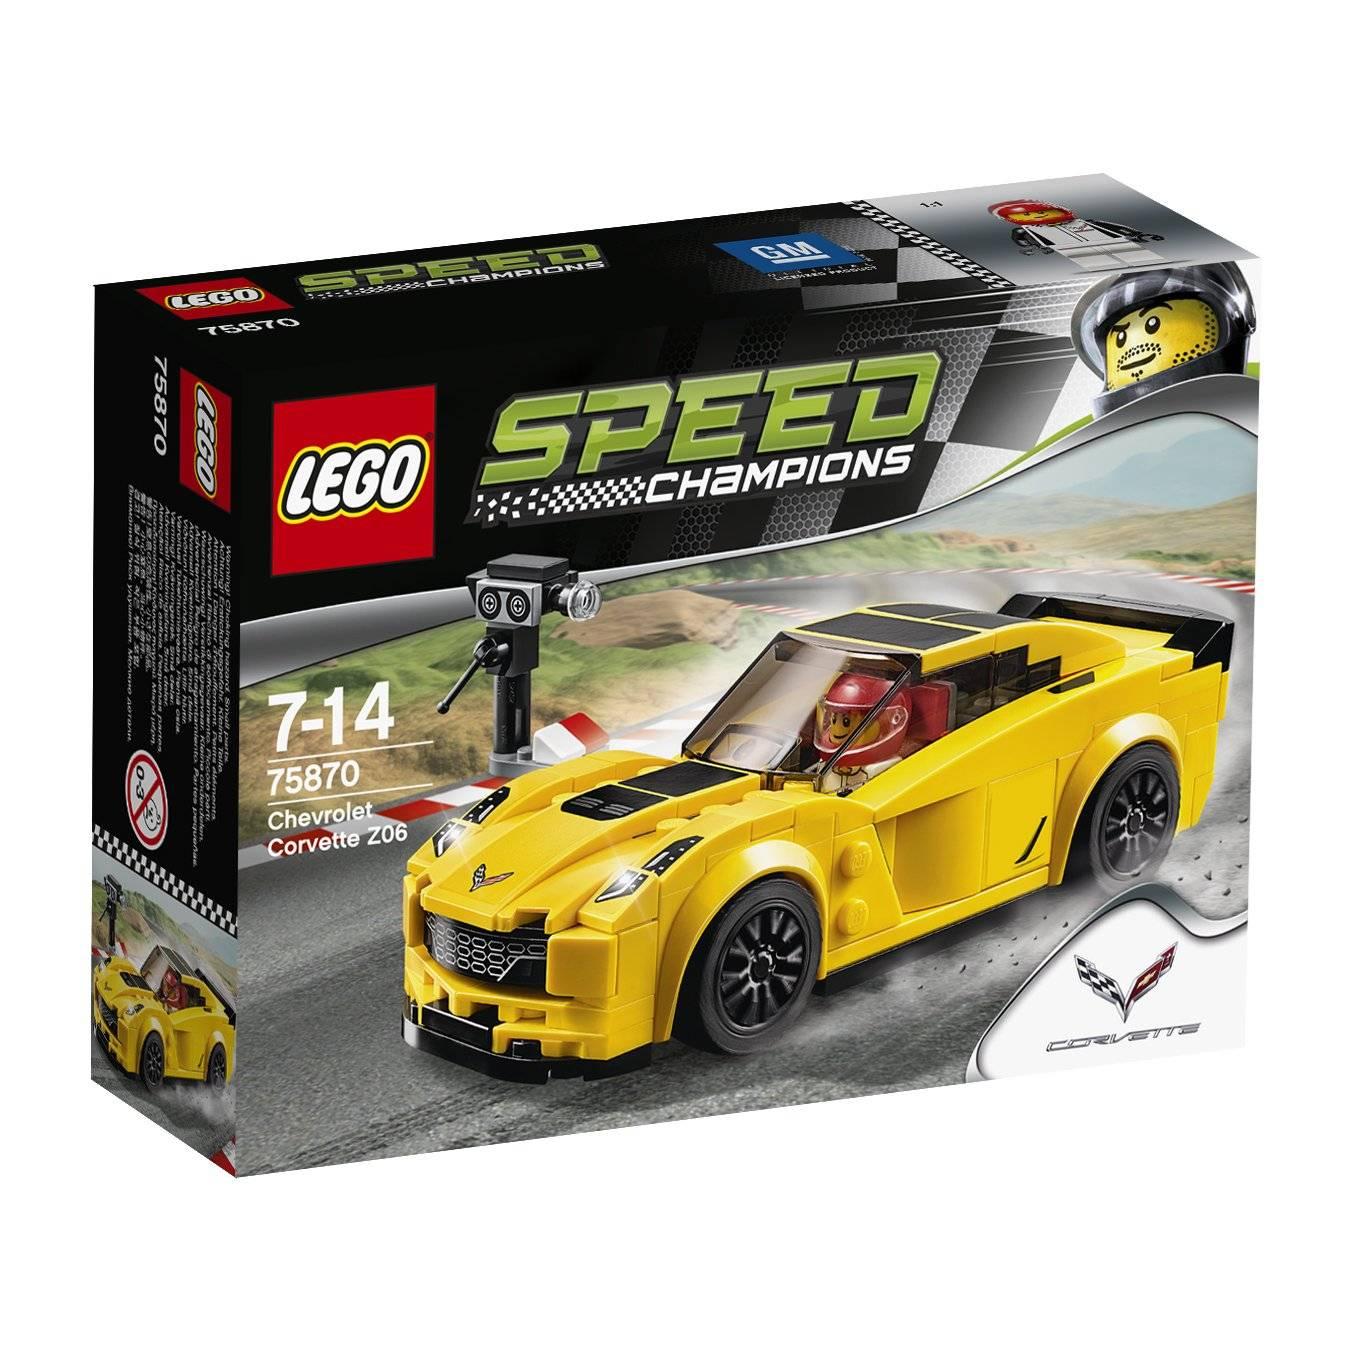 LEGO 75870: Chevrolet Corvette Z06